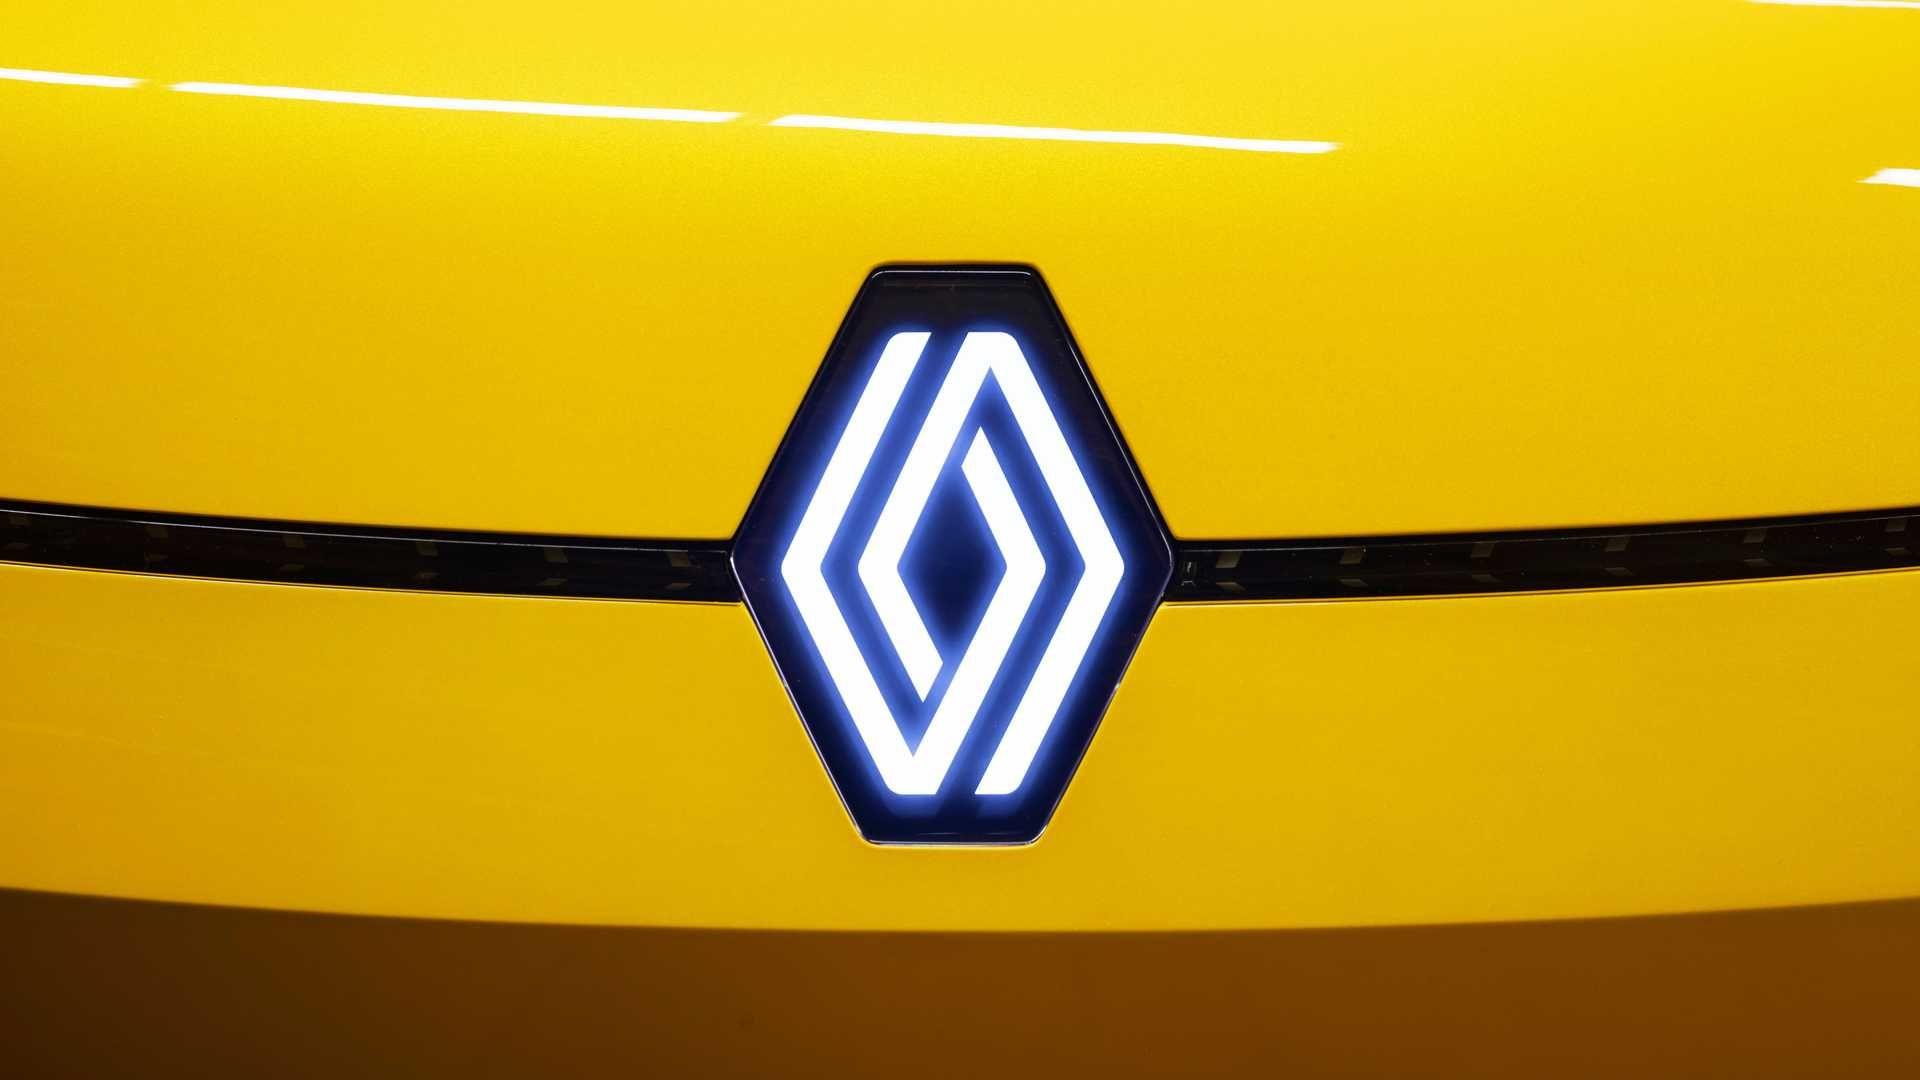 ¿Por qué no hay ni rastro de Renault en la carrocería del López Racing F1?